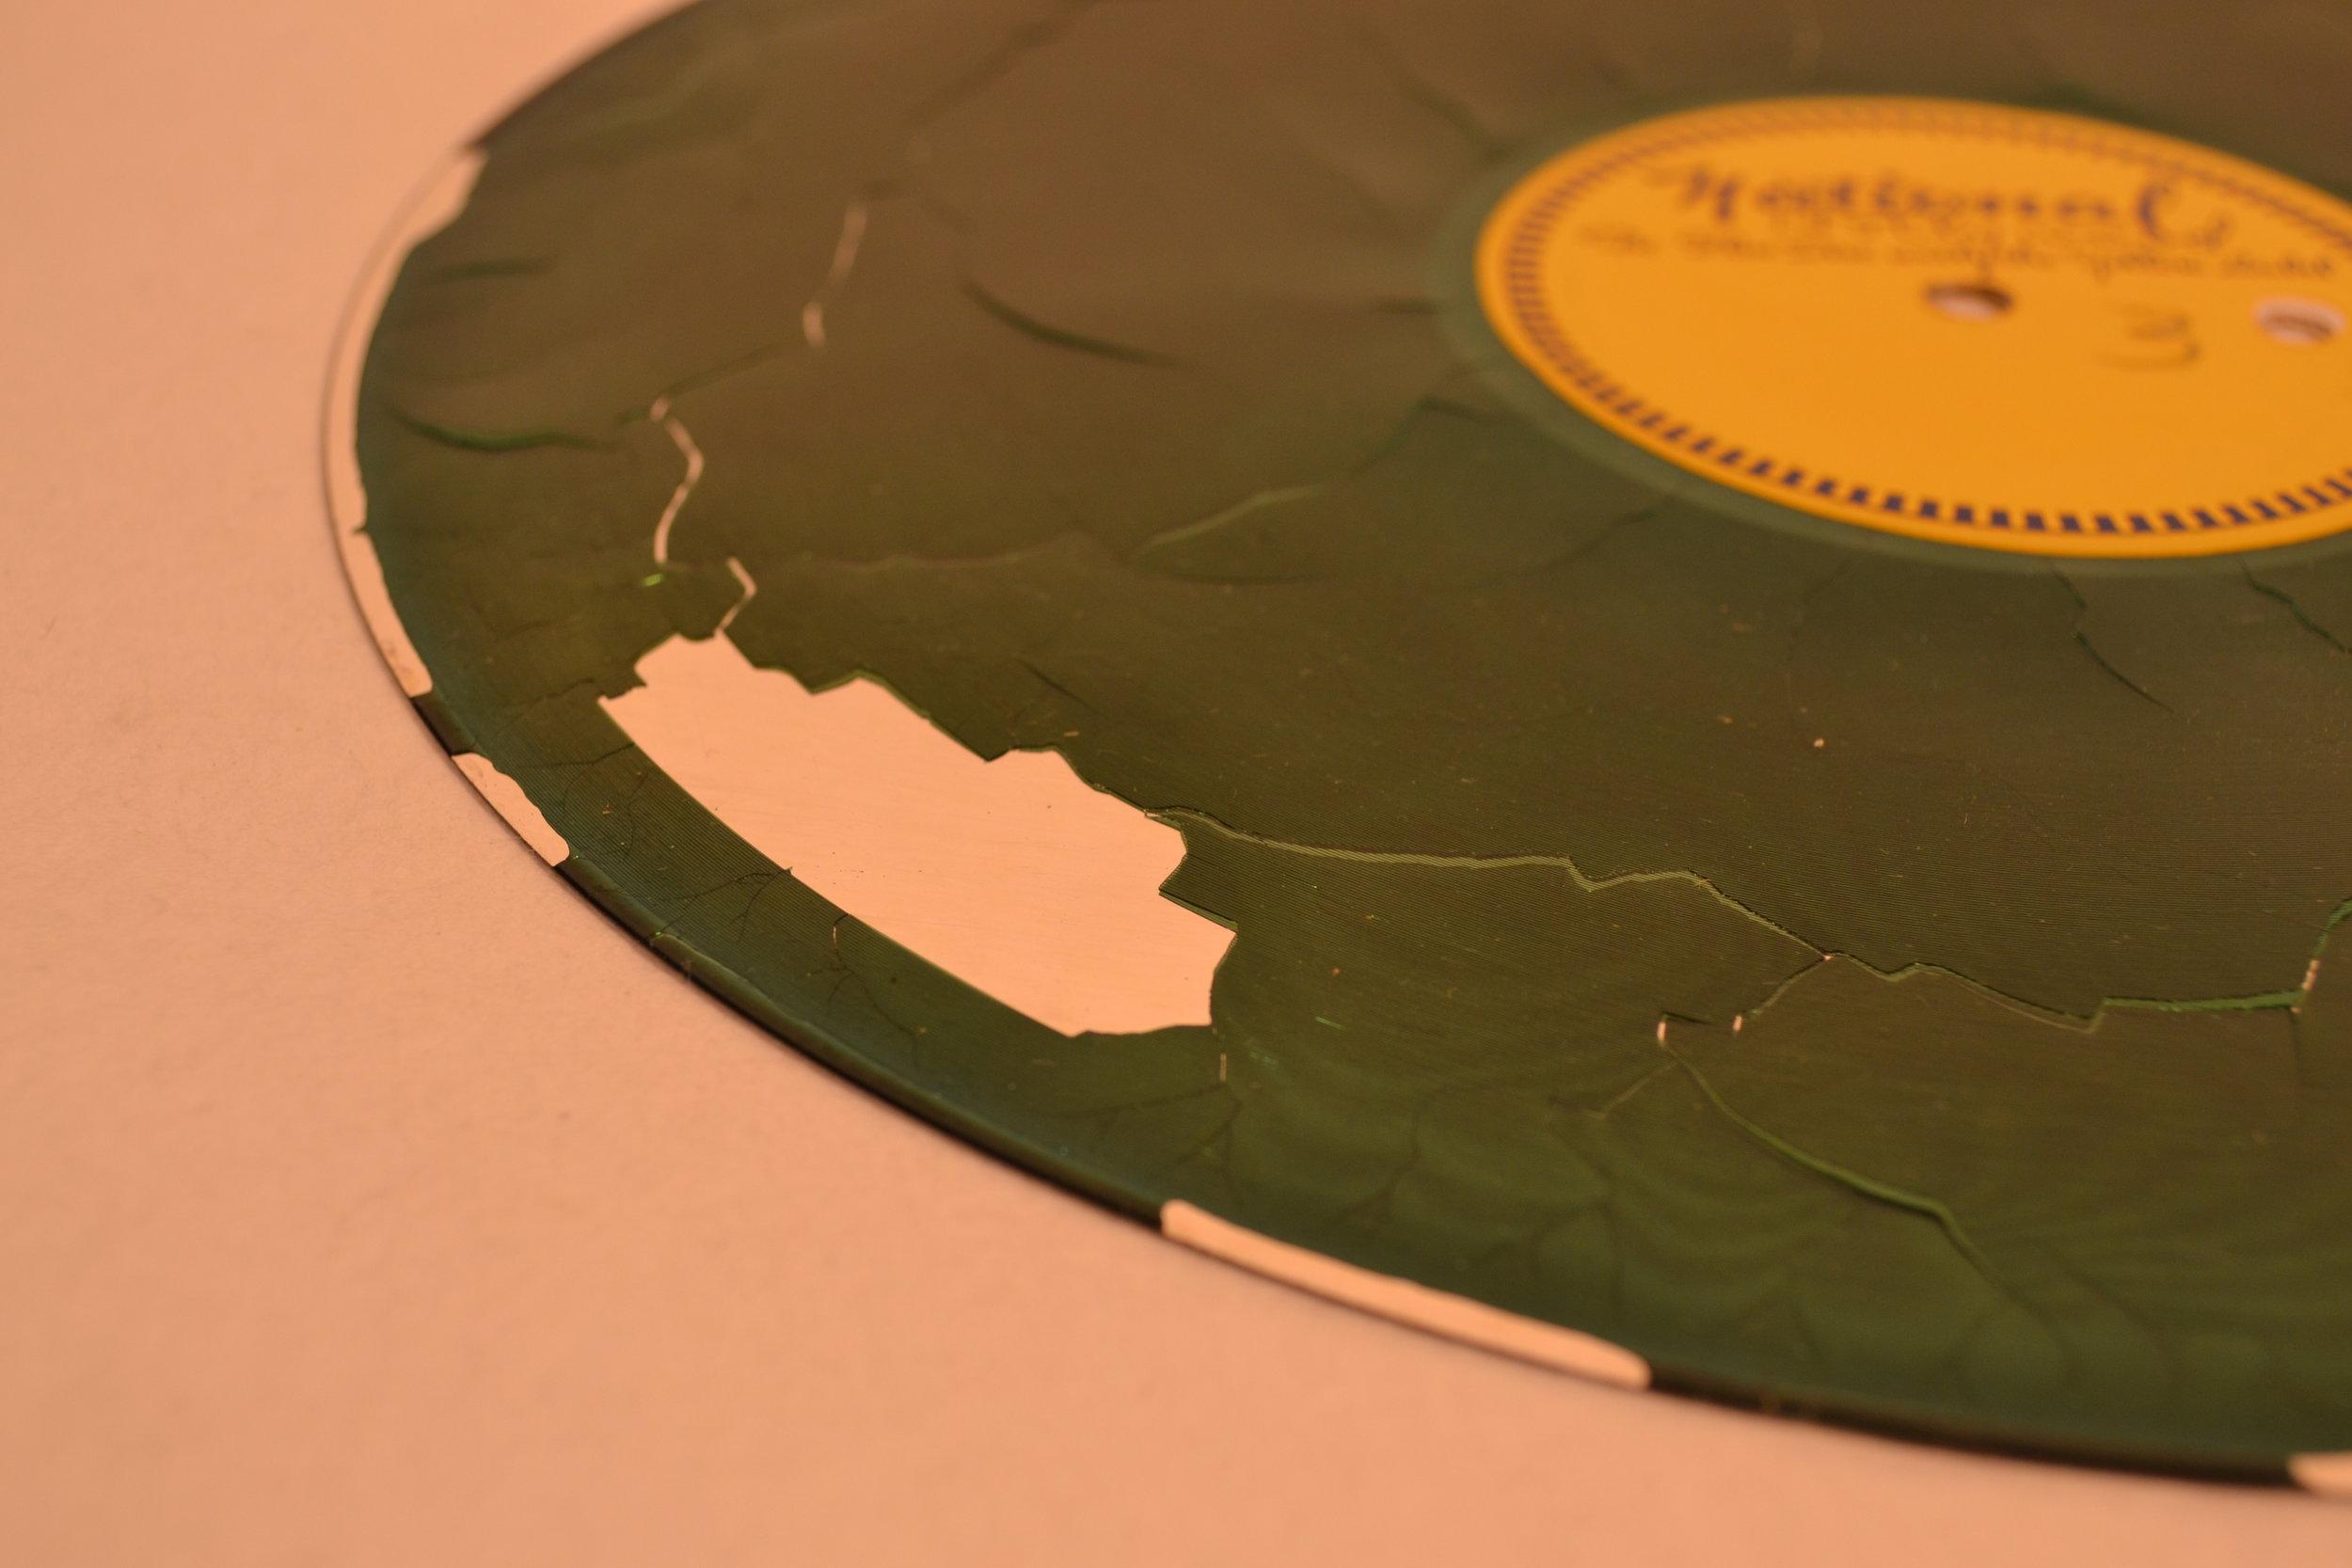 Delaminating Aluminum Lacquer Discs